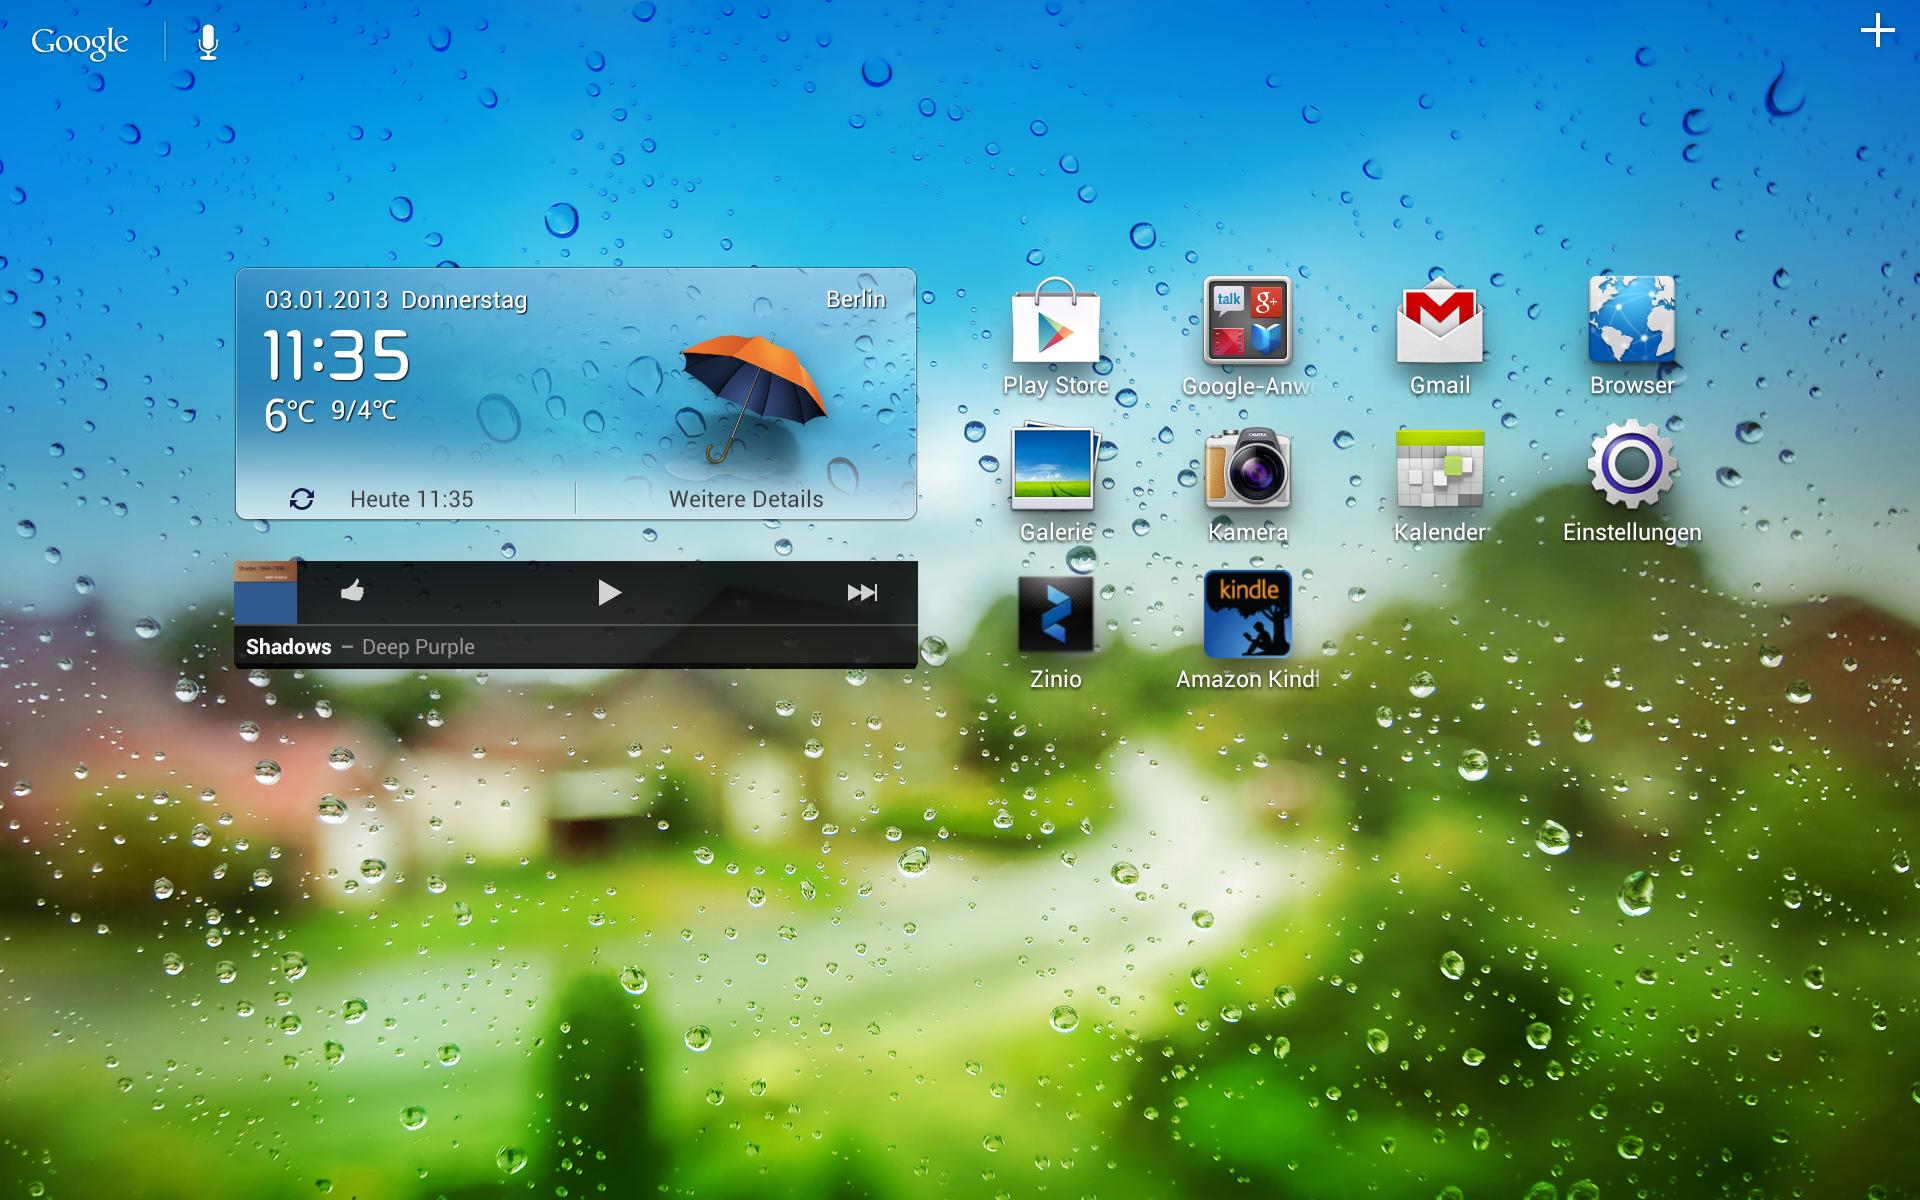 Mediapad 10 FHD im Test: Huaweis Nexus-10-Konkurrent hat es schwer gegen Google - Die Statusleiste kann per Klick einfach ausgeblendet werden. (Screenshot: Golem.de)